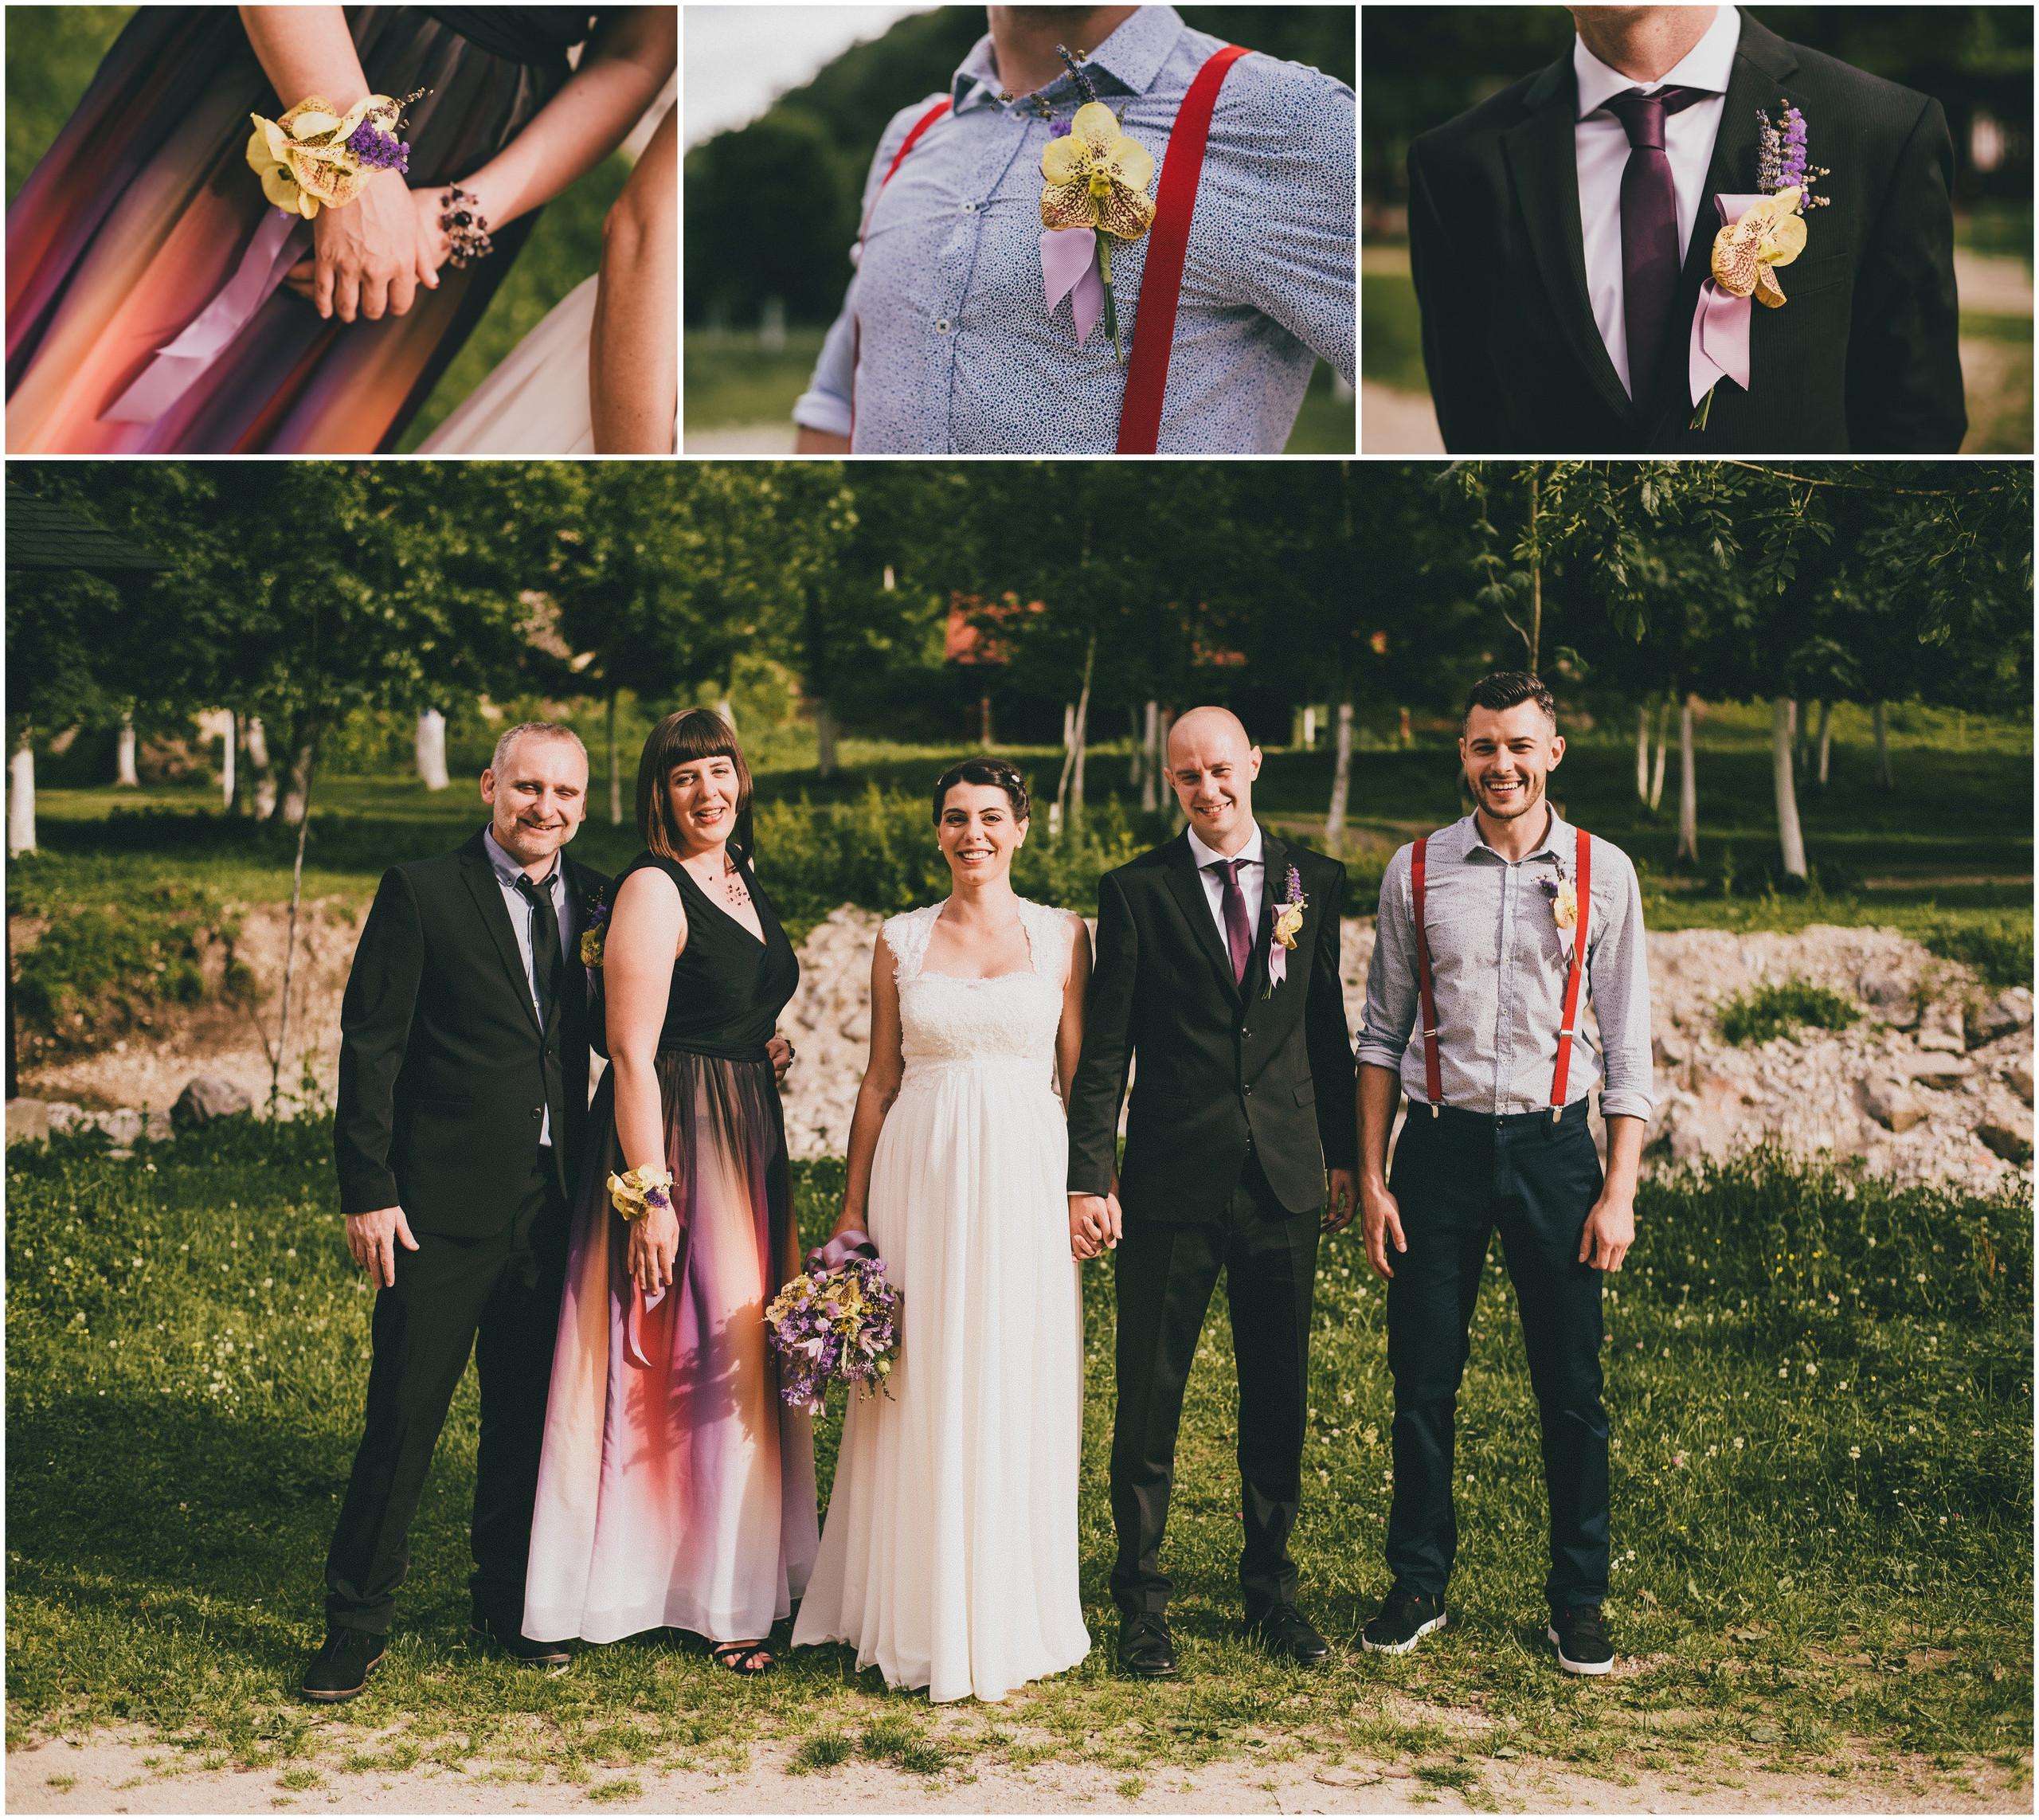 Vjenčanje na otvorenom Divlje Vode, fotografija mladenaca s kumovima